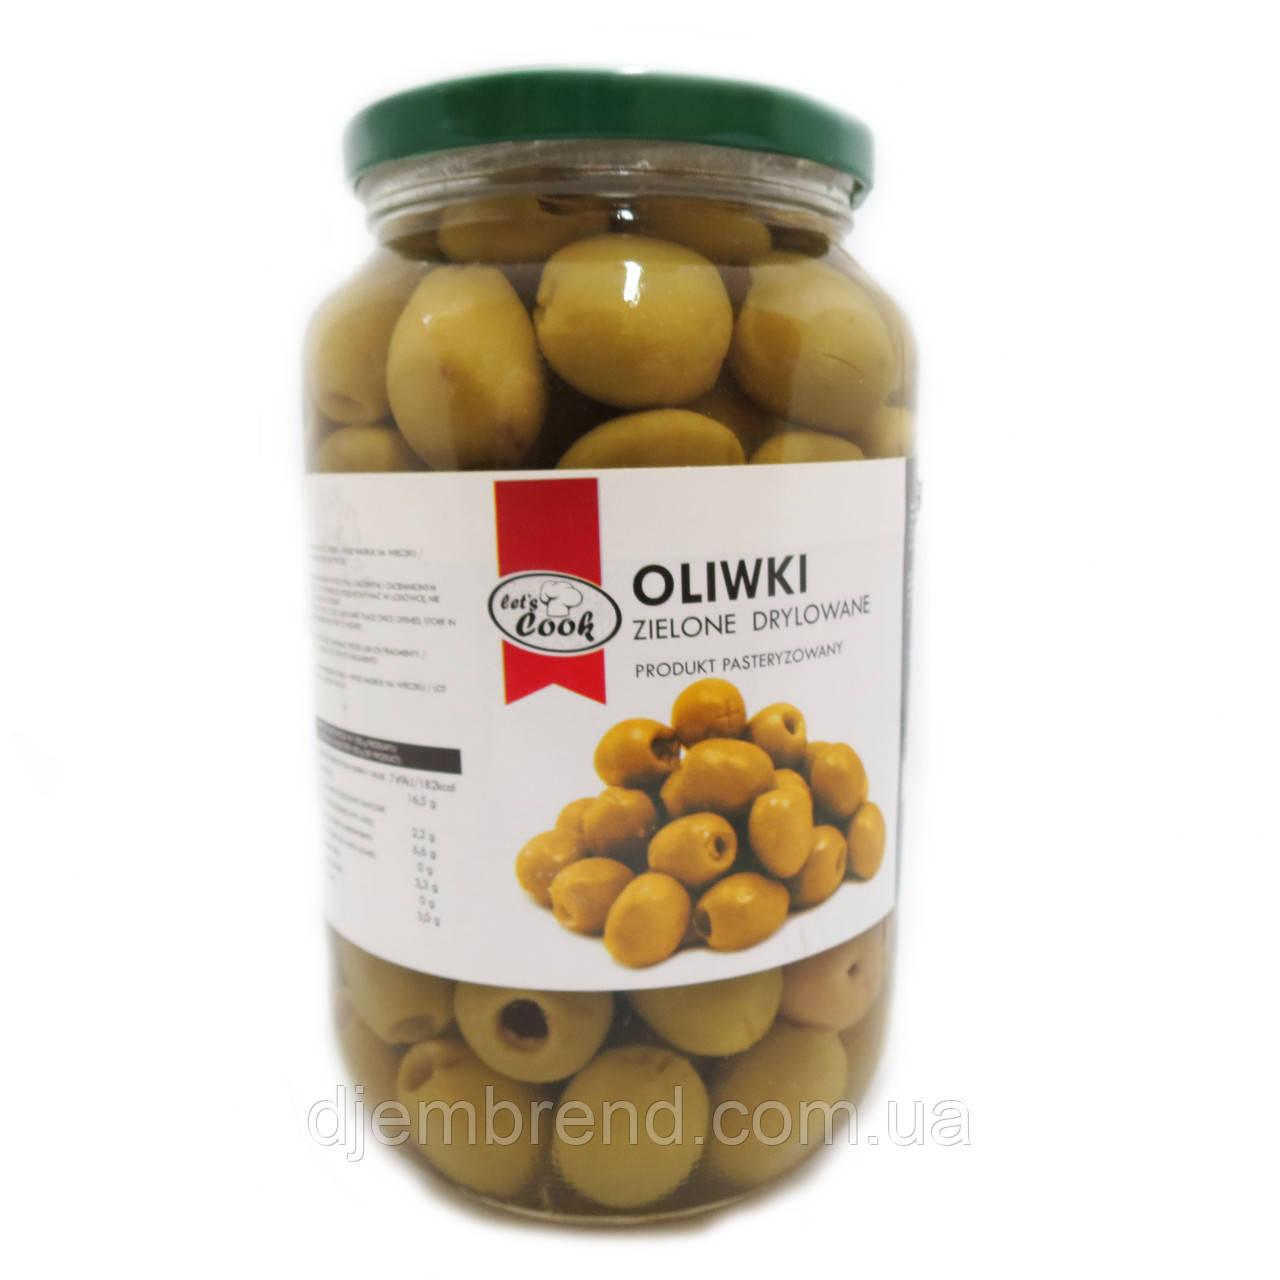 Оливки Let's Cook - зеленые без косточки 1000 г